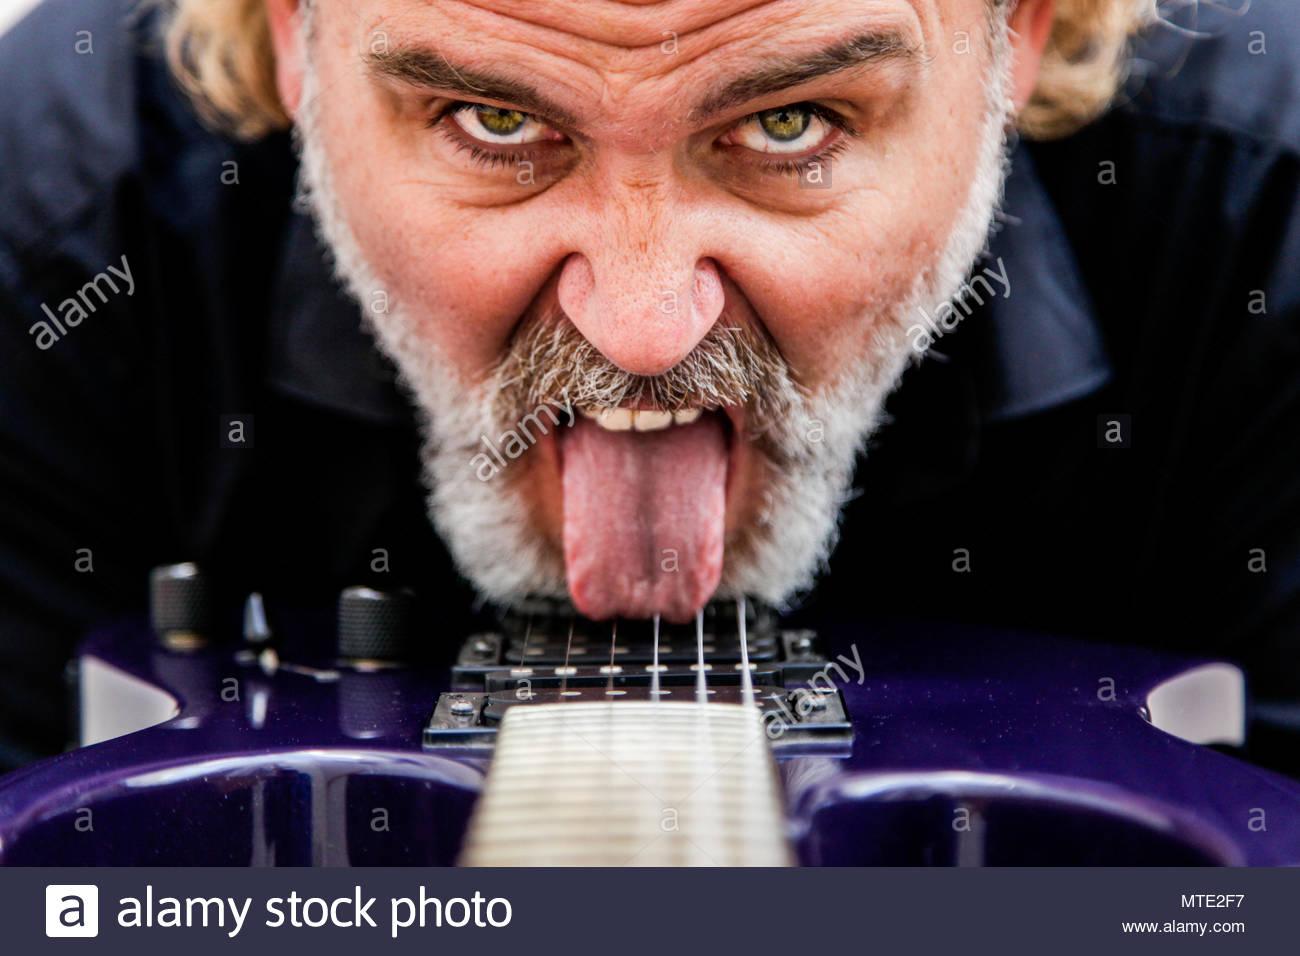 Man kisses his electric guitar - Stock Image